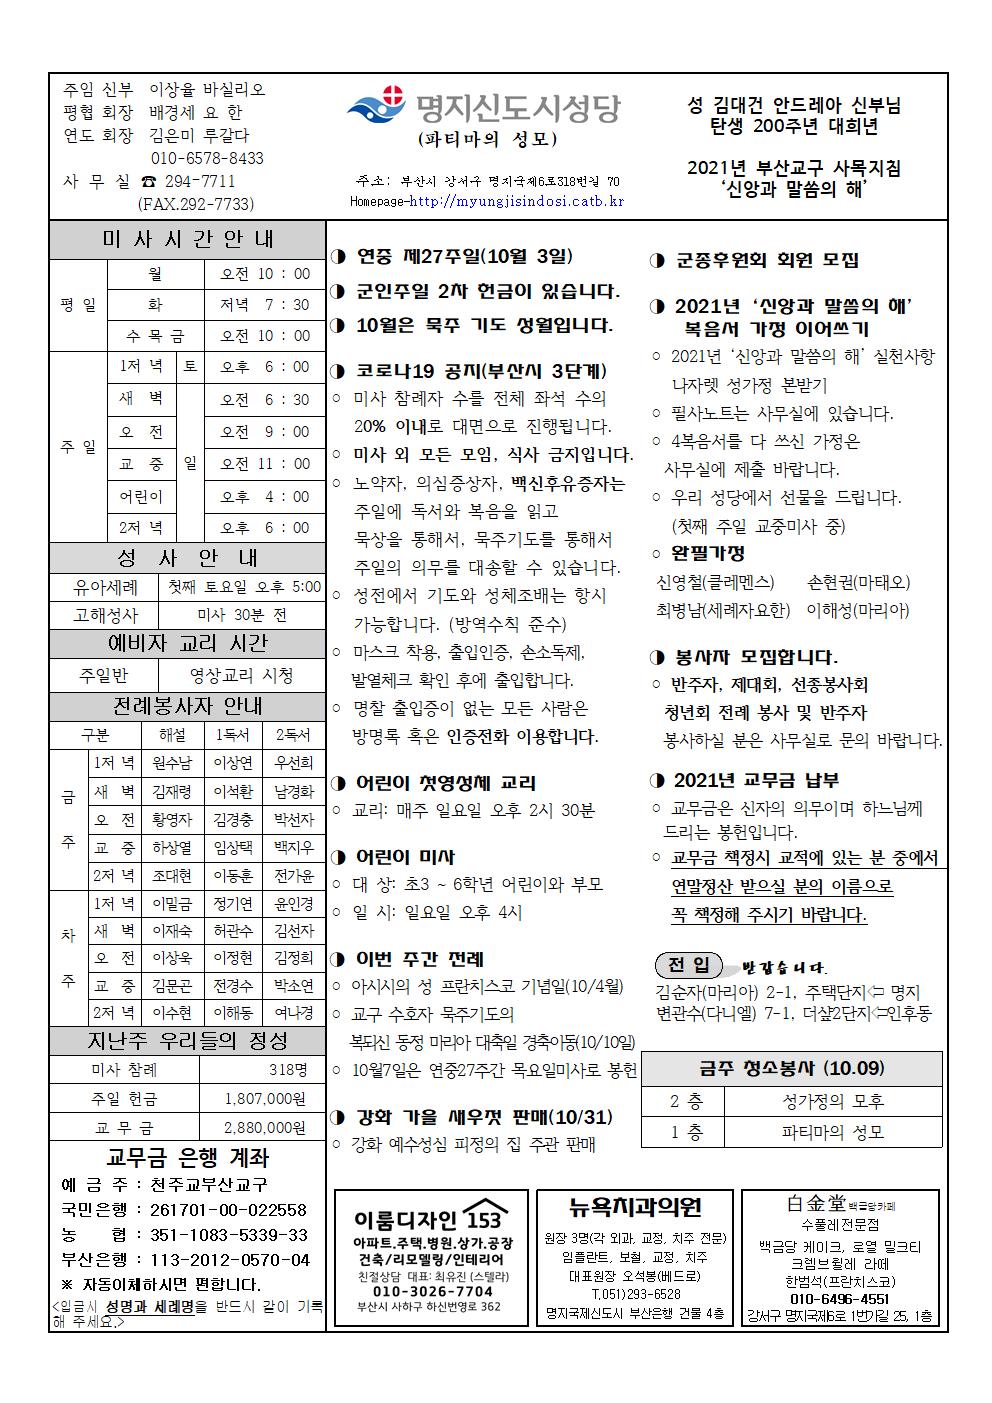 명지신도시20211003001.png